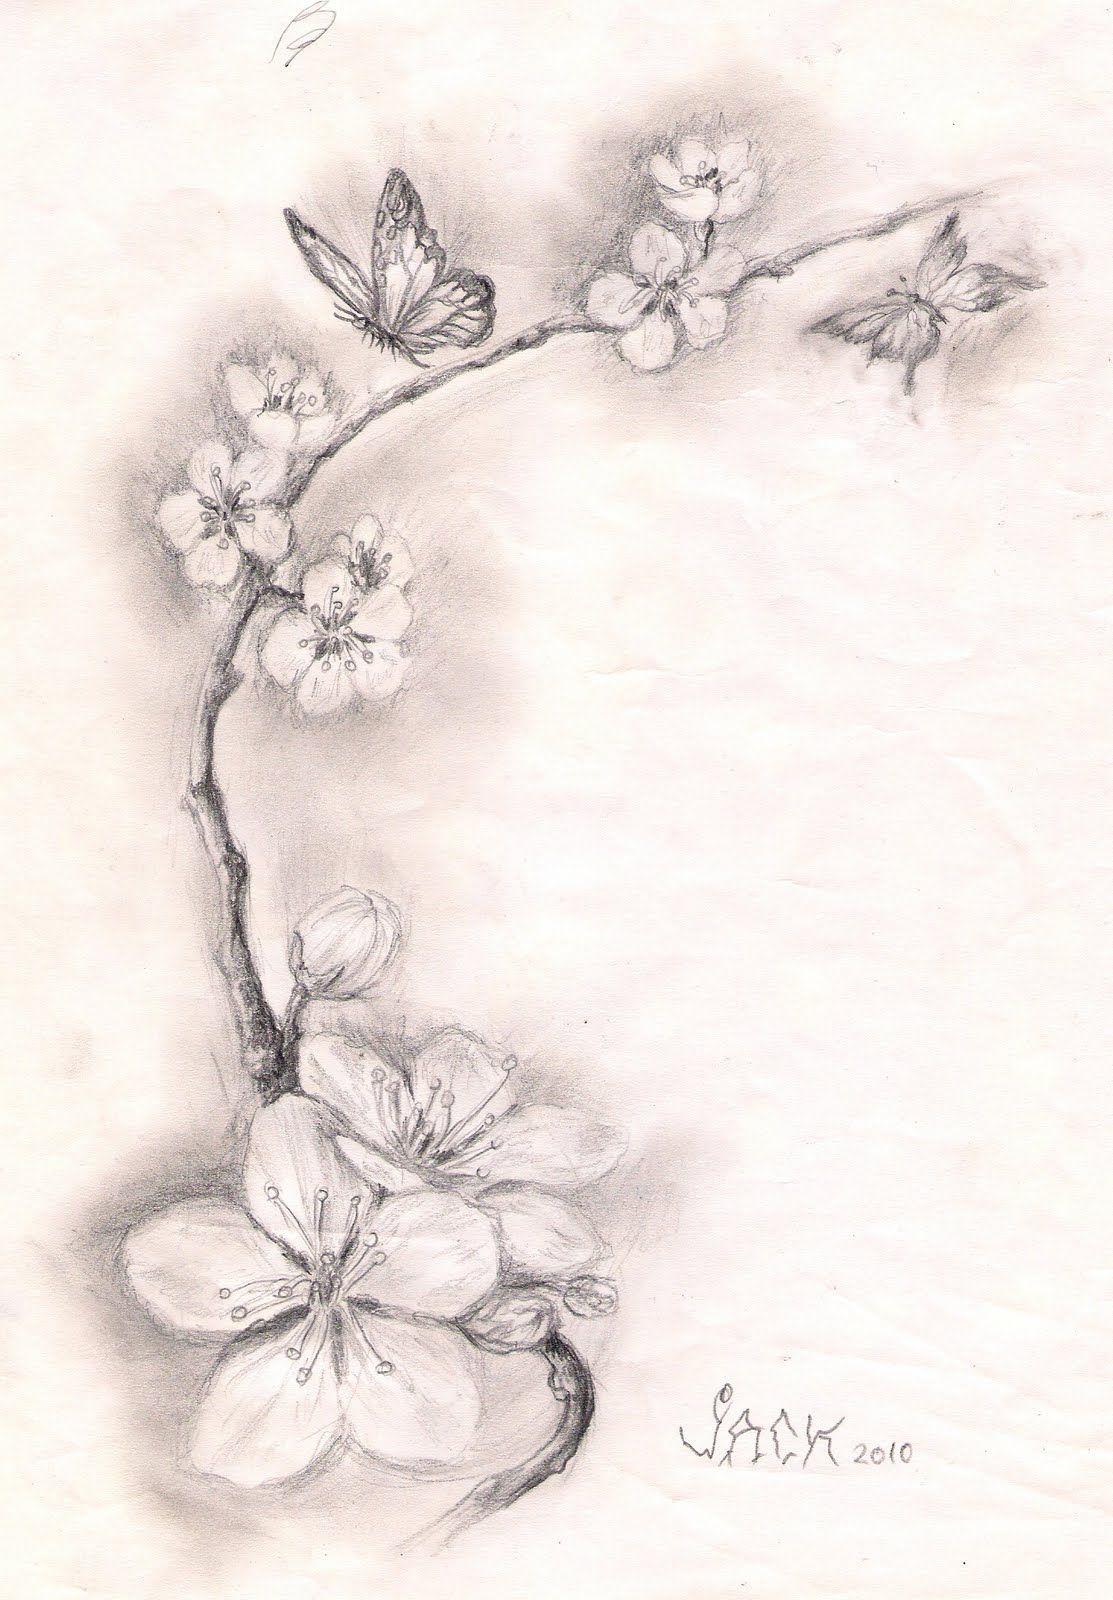 Dracones Tattoo Salon Tatuaje Bucuresti Sketch Cherry Blossoms Cherry Tattoos Blossom Tattoo Tattoos